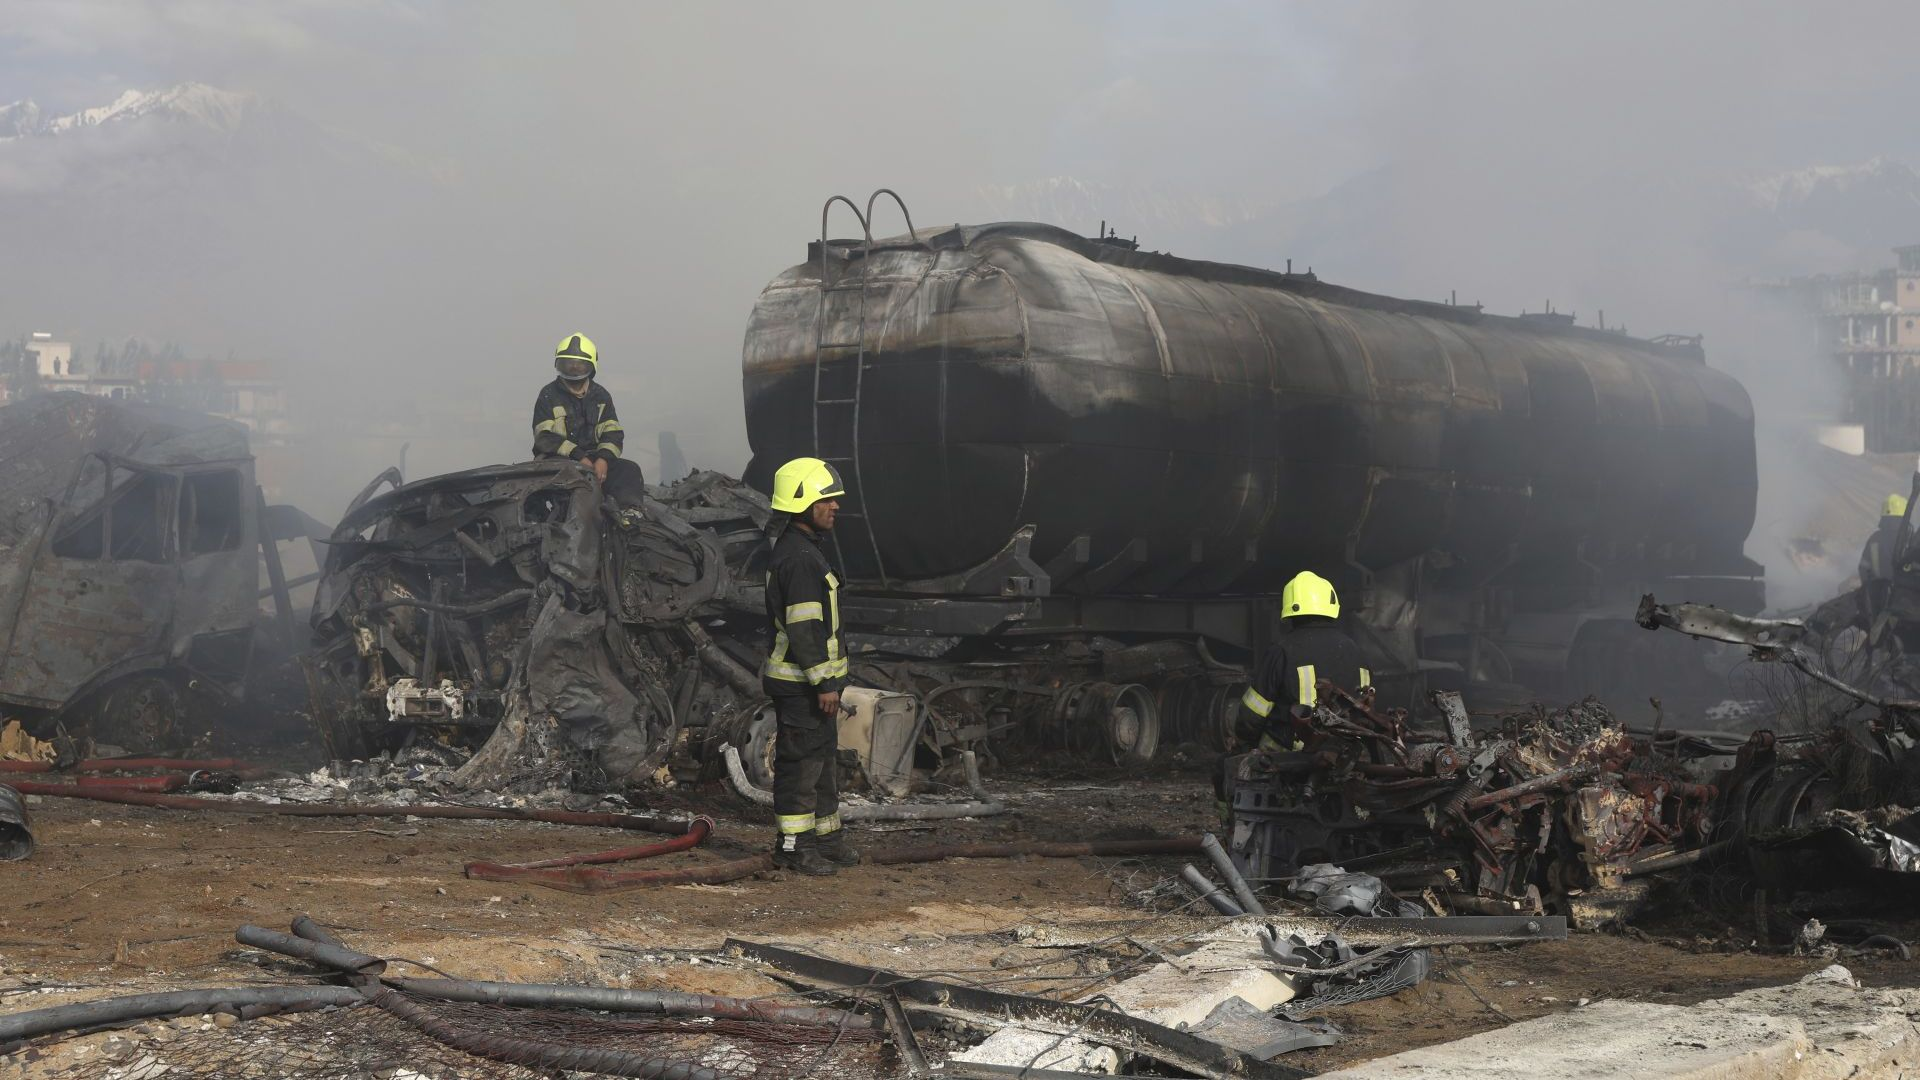 Седем души загинаха,  а 14 бяха ранени при пожар  на цистерни за гориво в Кабул